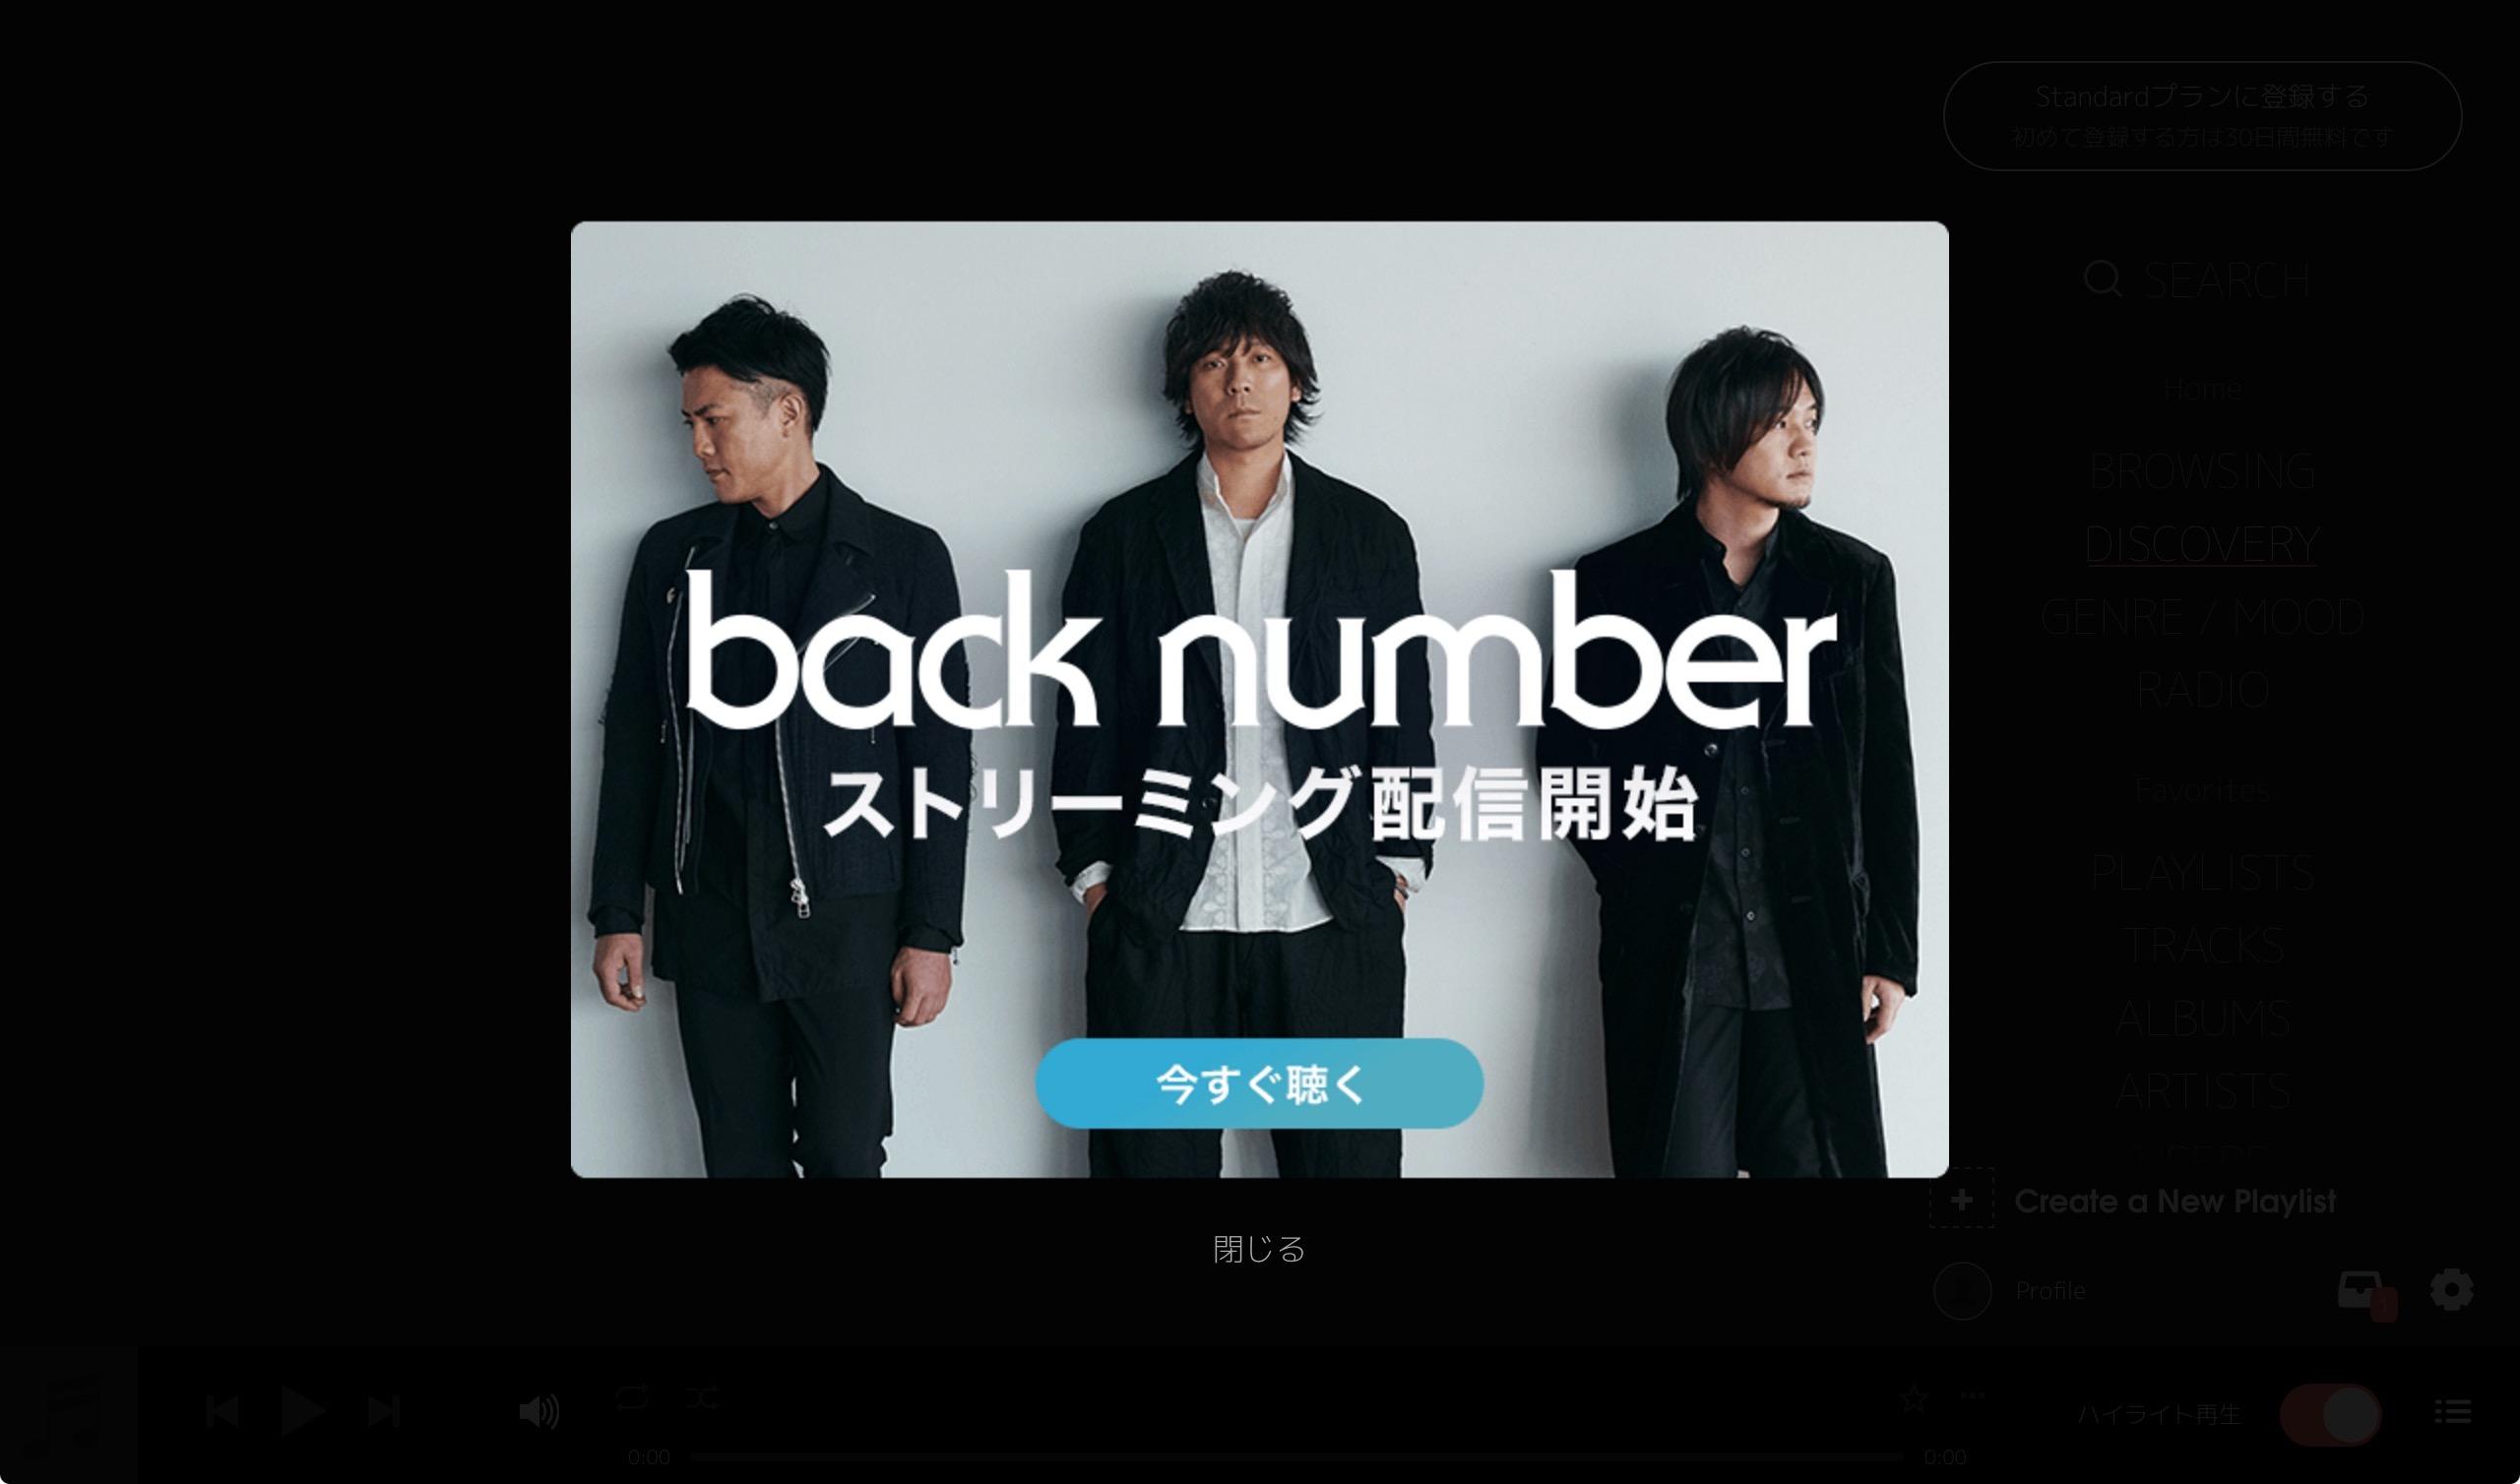 back numberの楽曲がサブスク解禁。Apple Musicなどで聴き放題に